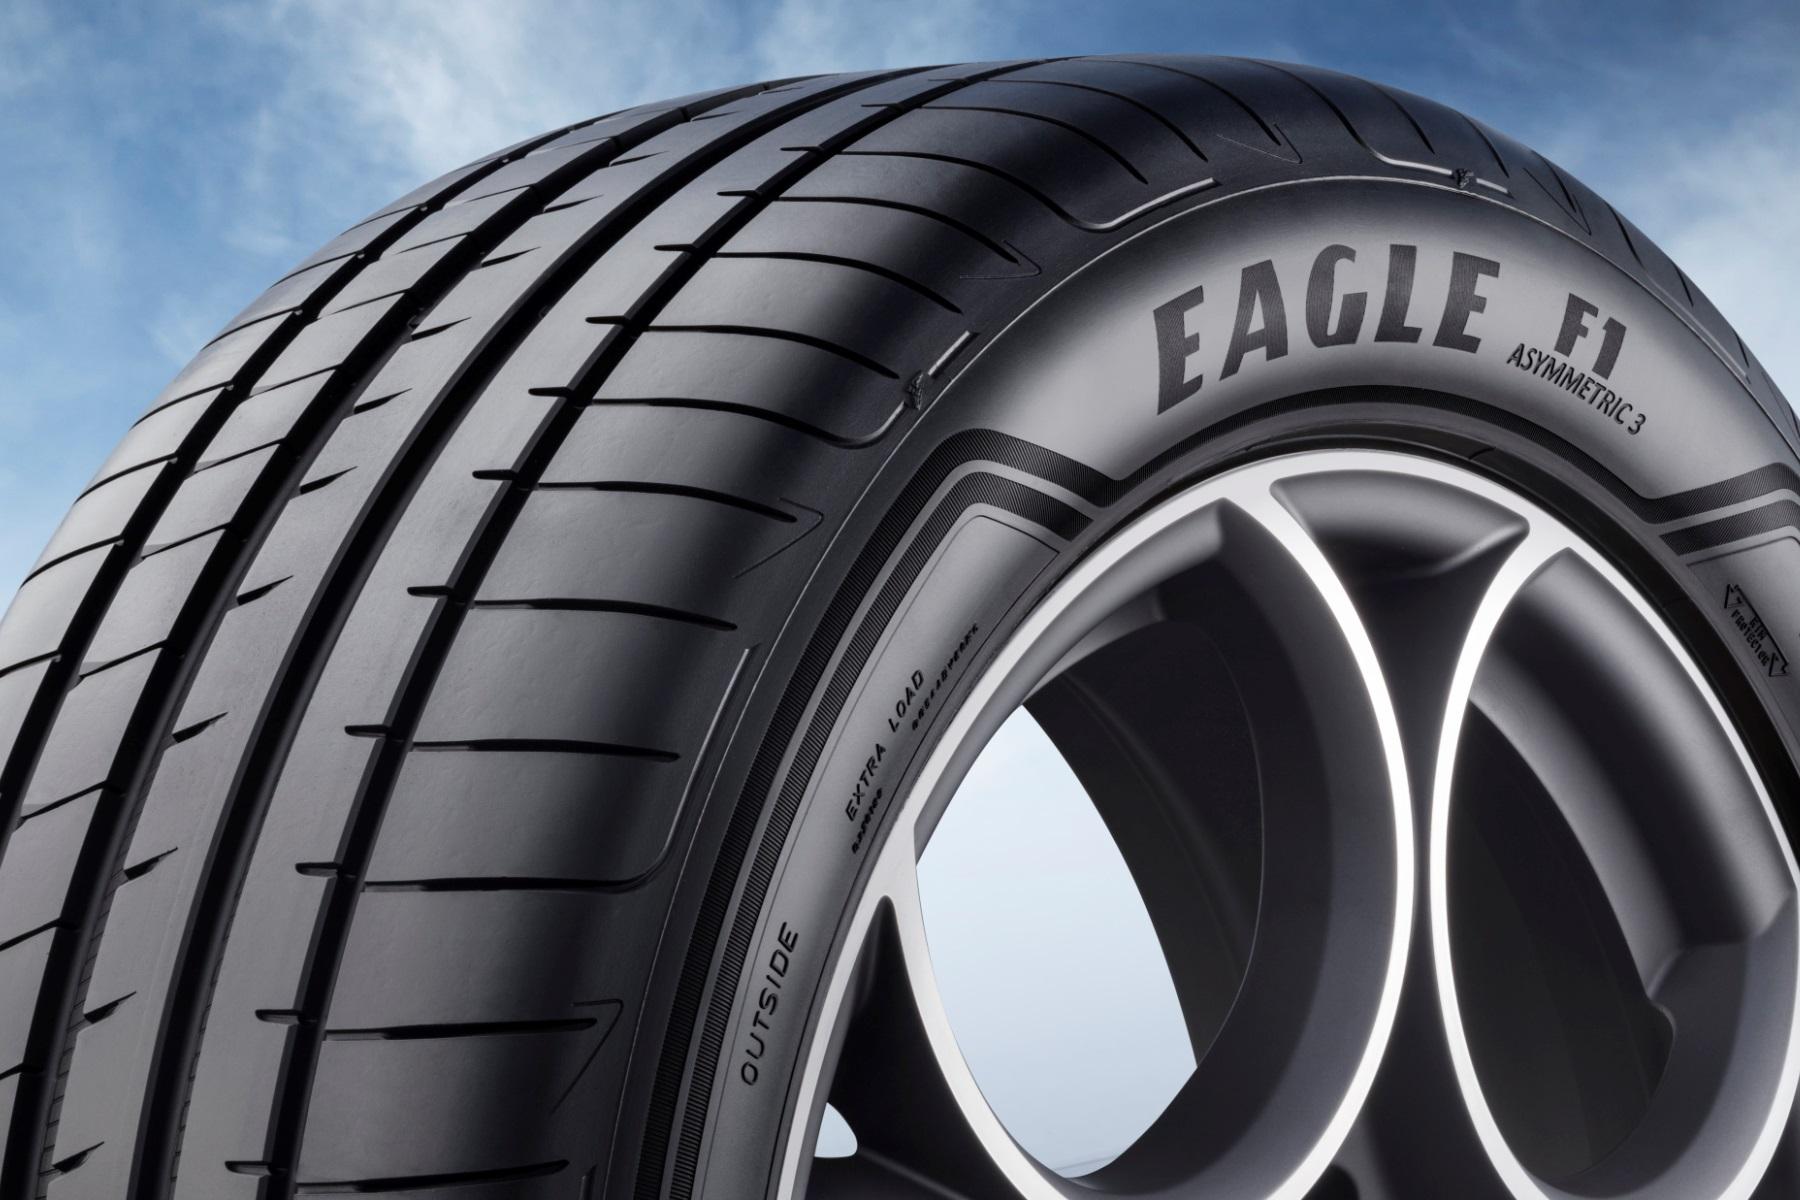 Goodyear Eagle F1 Asymmetric 3 SUV tyre